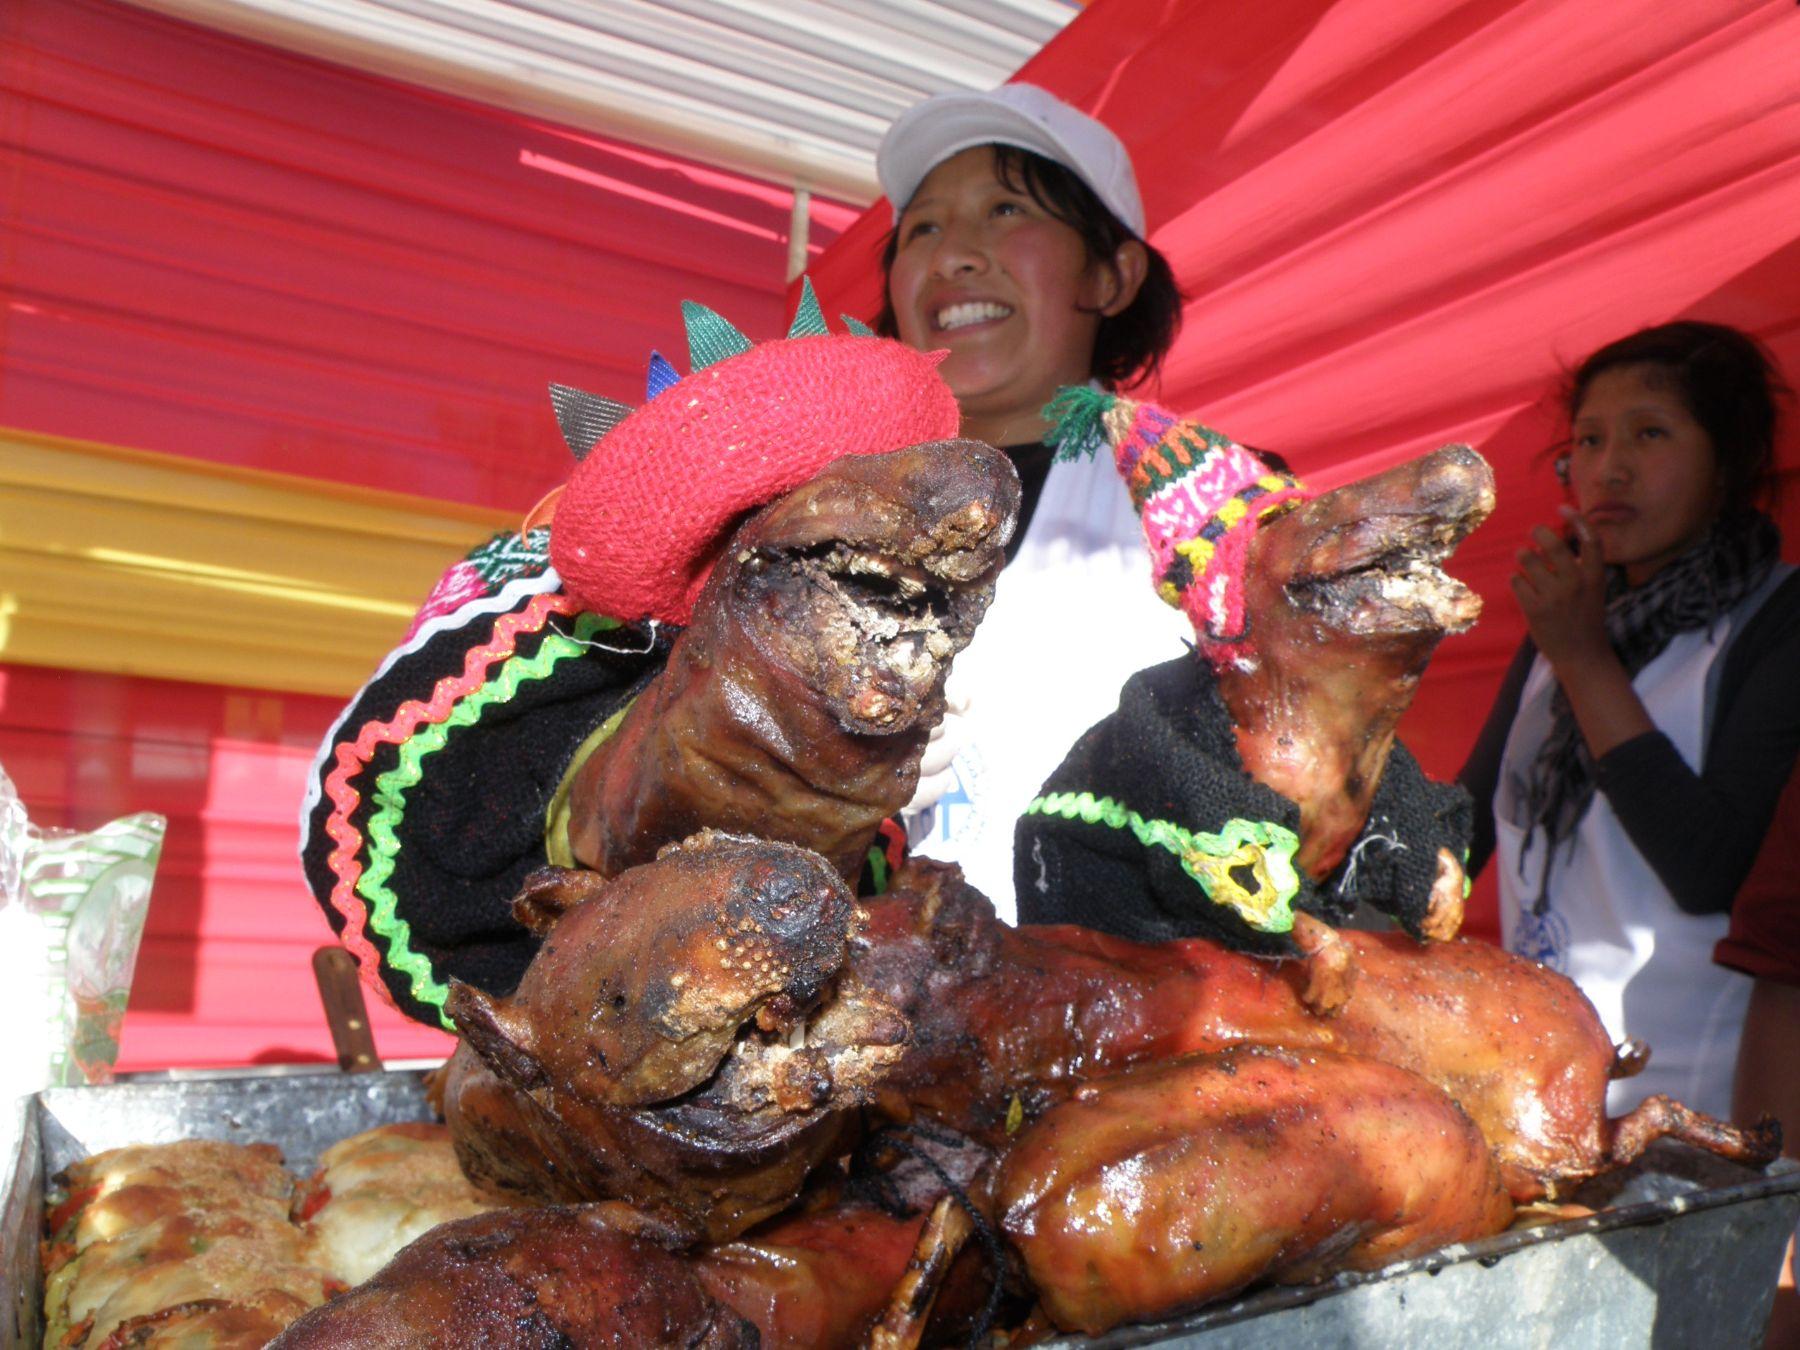 Platos típicos como el chiriuchu serán ofertados en feria gastronómica en el distrito de Santiago, en Cusco. Foto: ANDINA / Percy Hurtado.